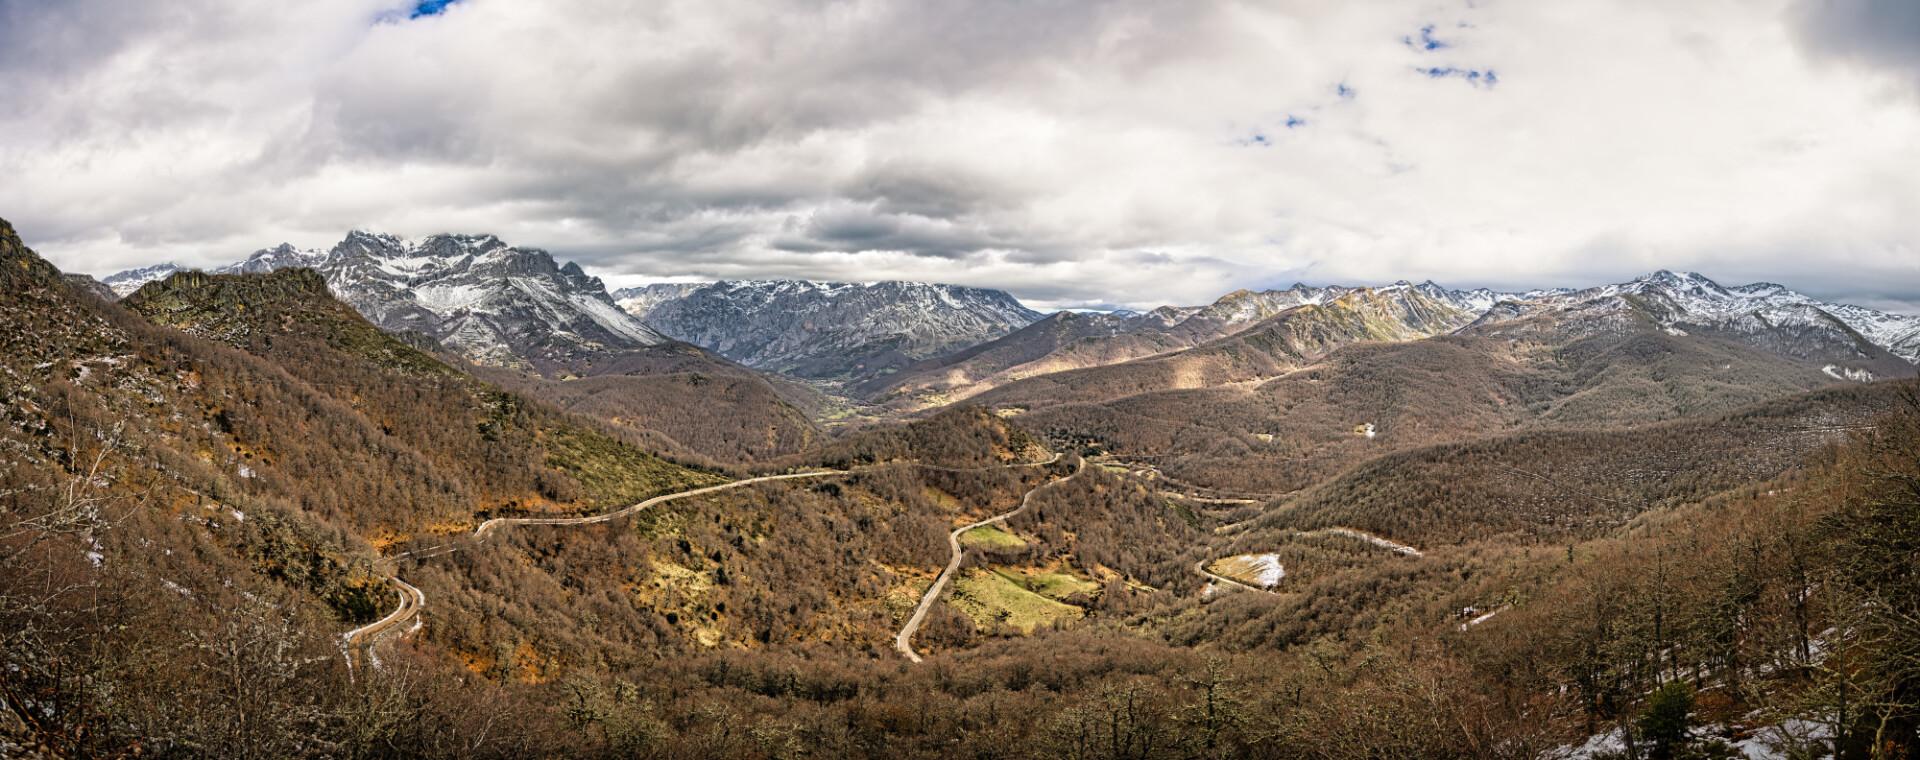 Mirador de Piedrashitas Mountain Landscape Spain